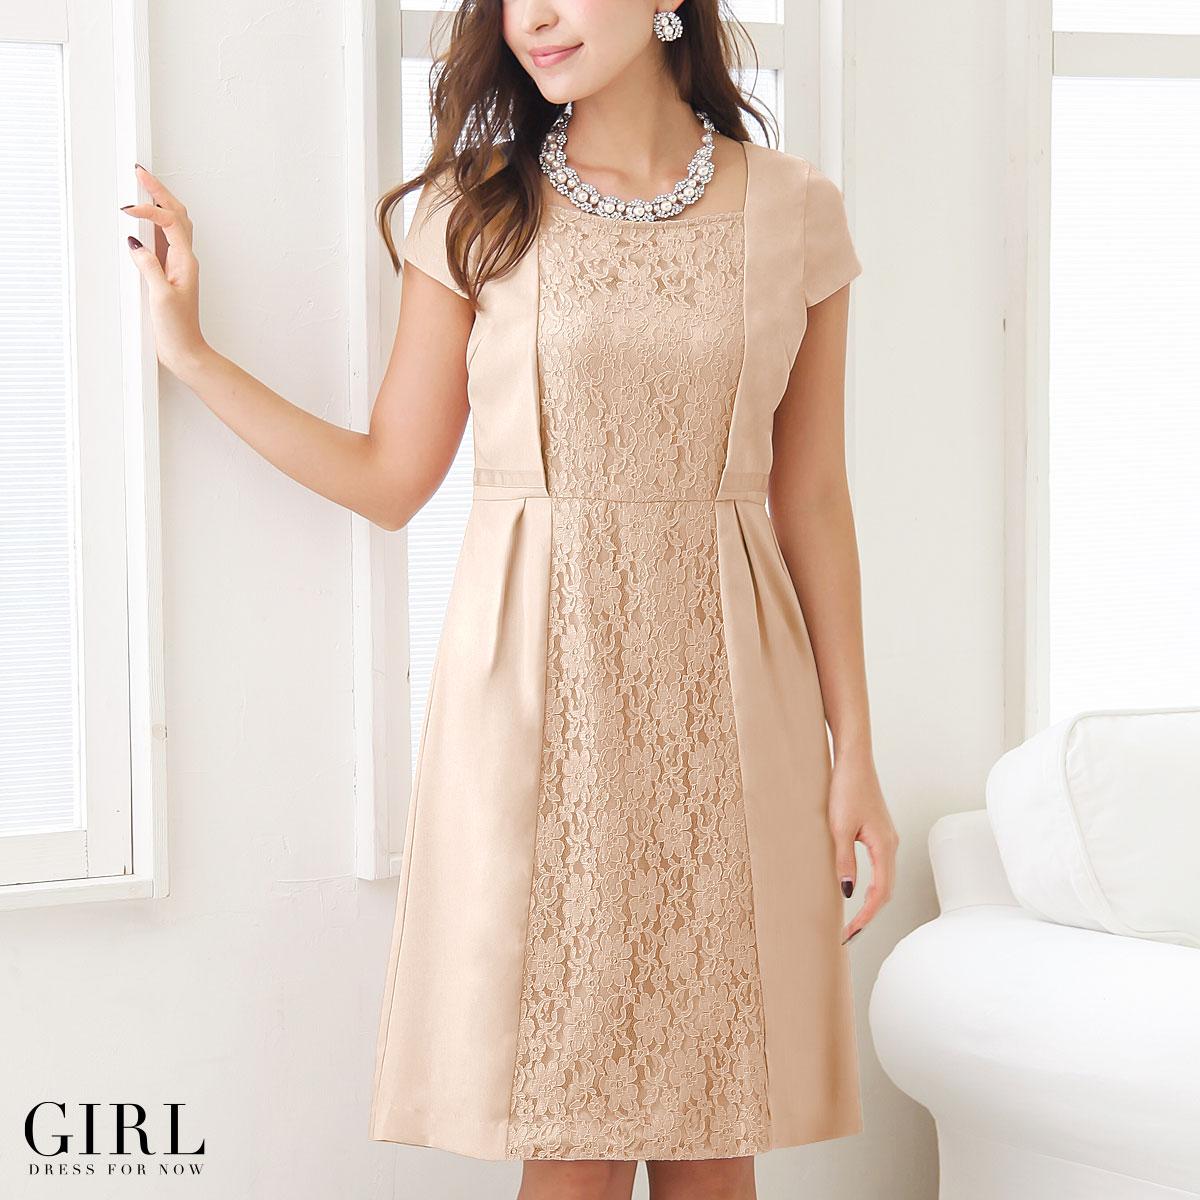 Dress shop GIRL | Rakuten Global Market: The party dress dress ...